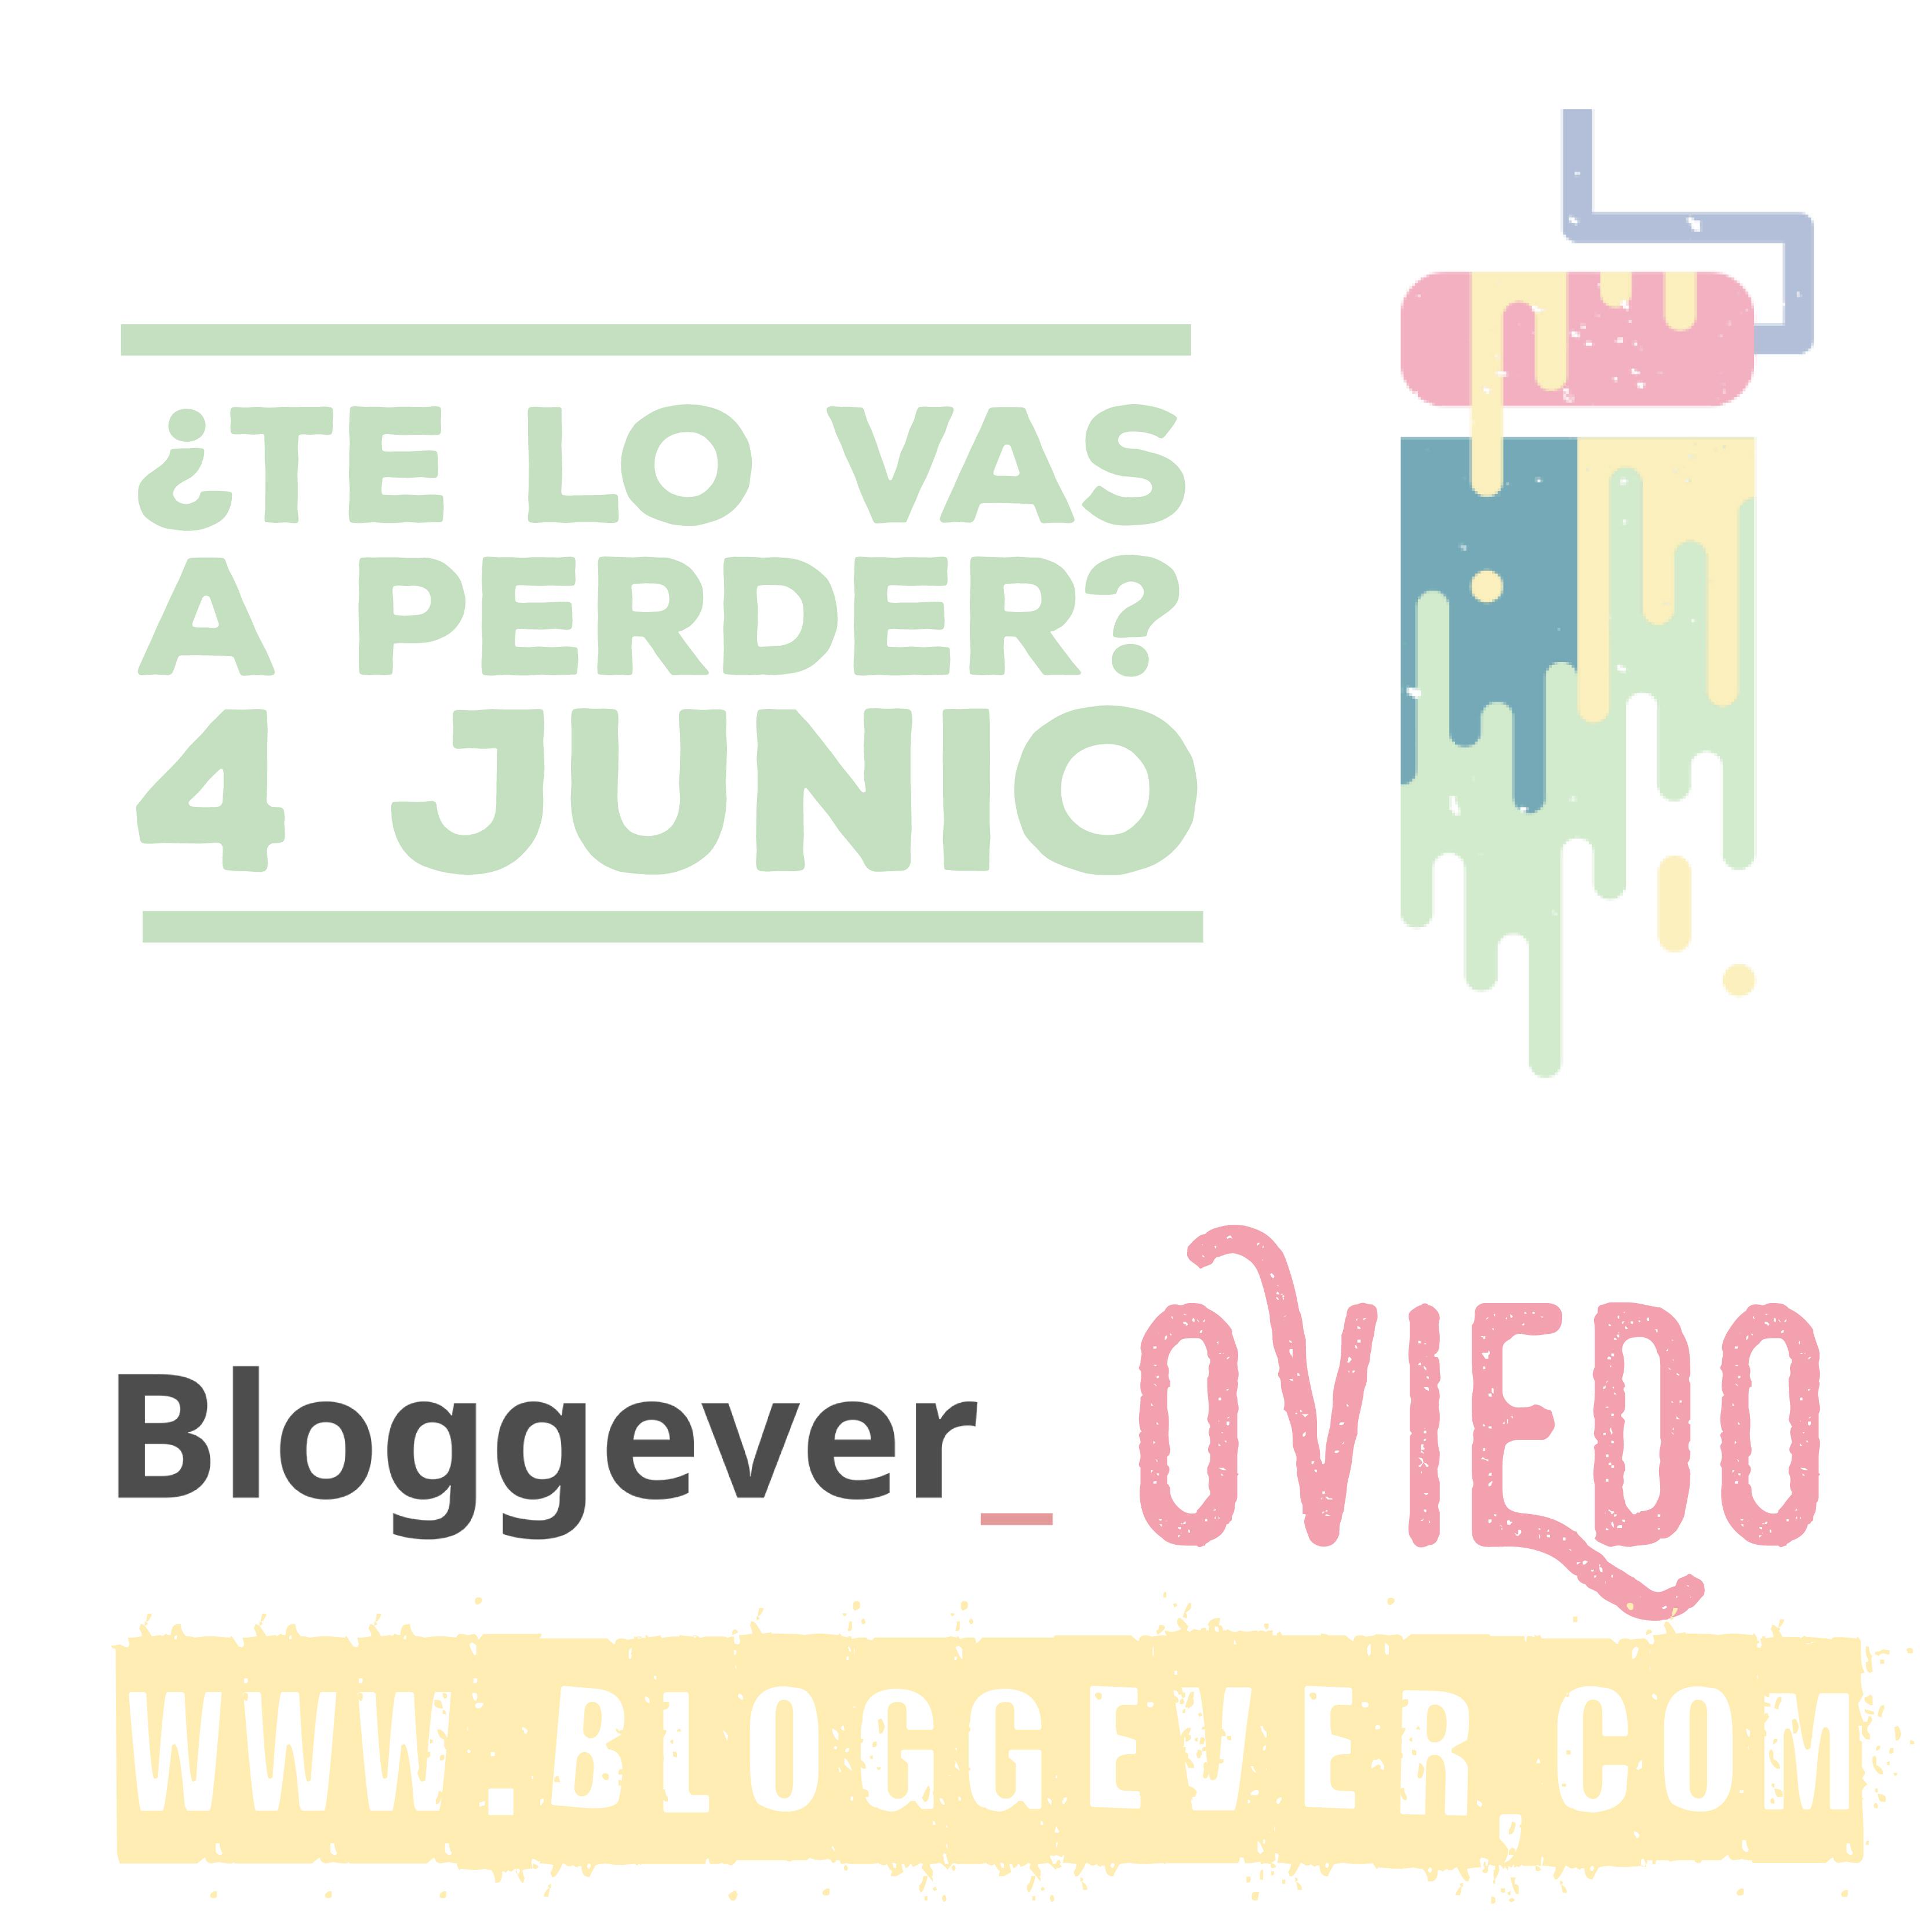 No te lo puedes perder: Bloggever convierte Oviedo en la capital bloguera